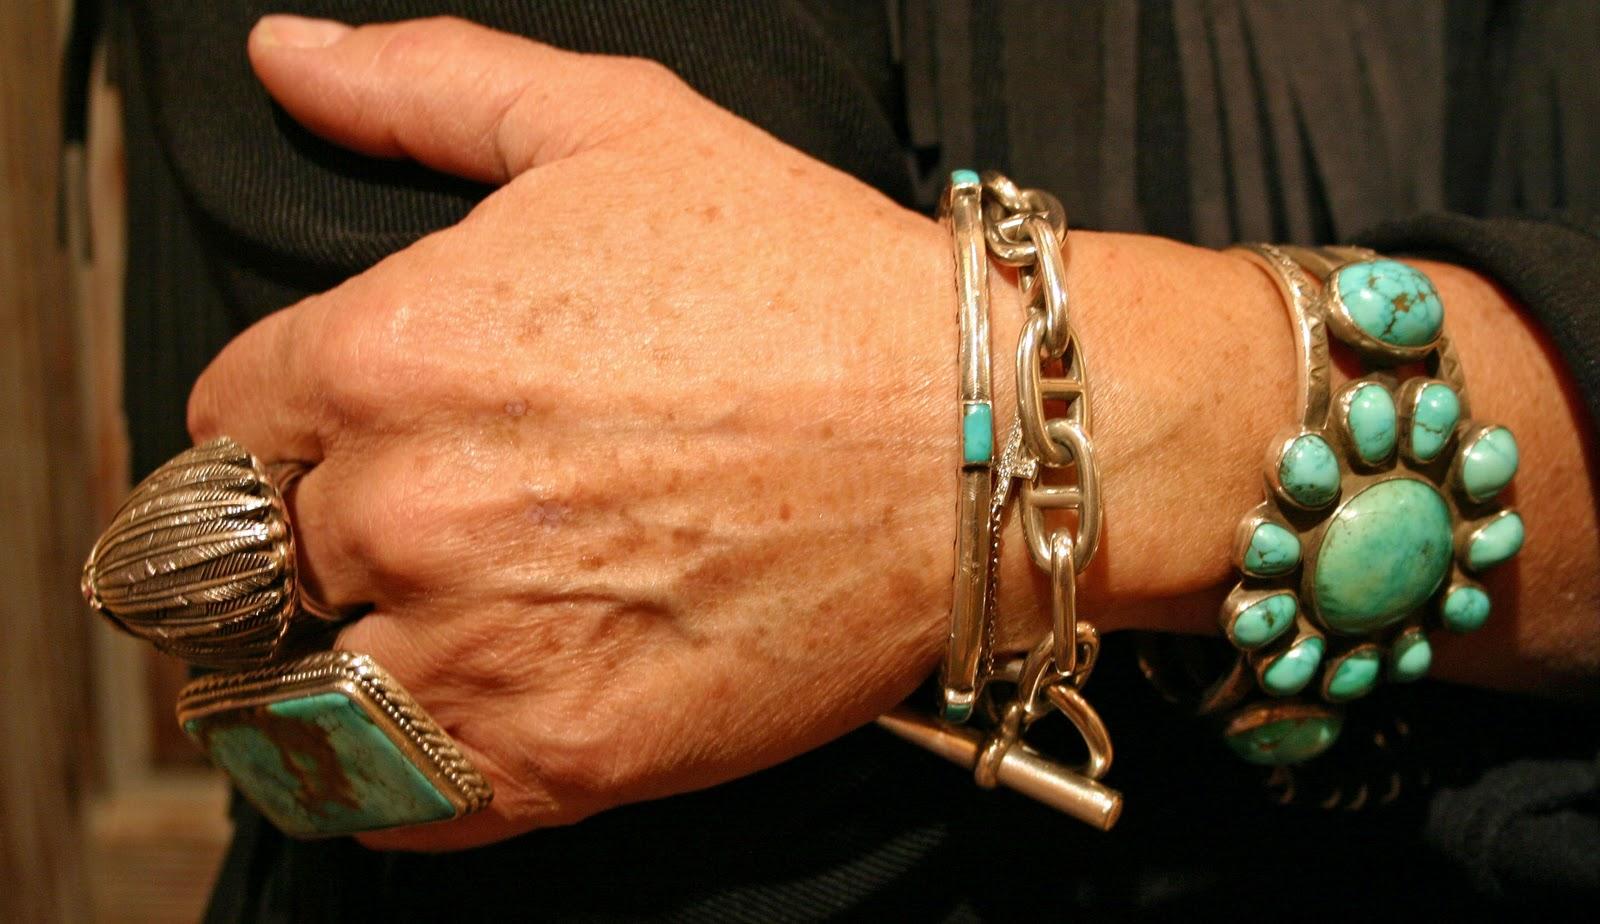 chasing santa fe: nathalie - santa fe's french connection